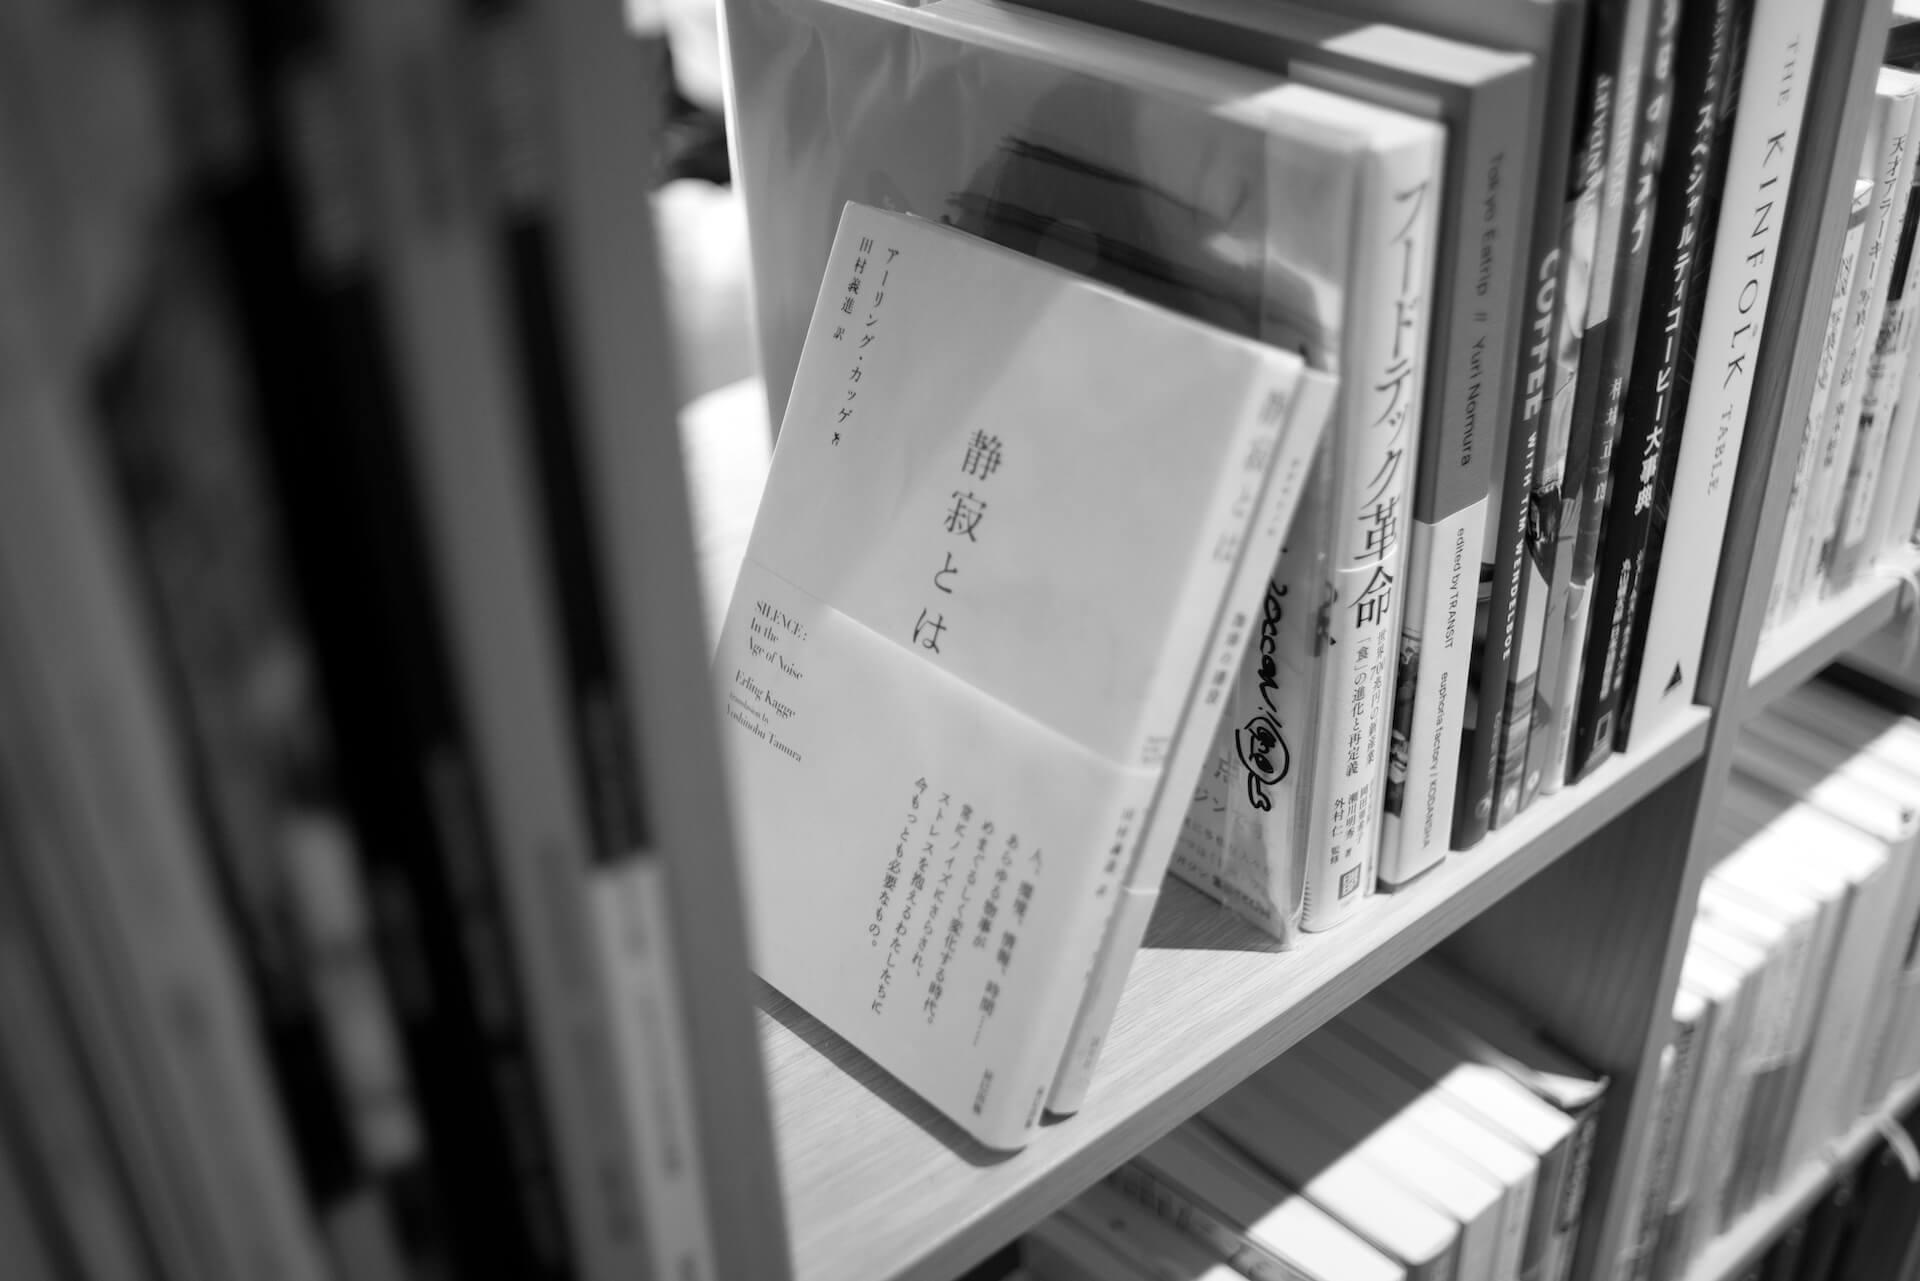 アートブックノススメ:番外編 河澄大吉-『静寂とは』/アーリング・カッゲ:著/田村善進:訳 column210503_artbook-daikichi-kawazumi-01